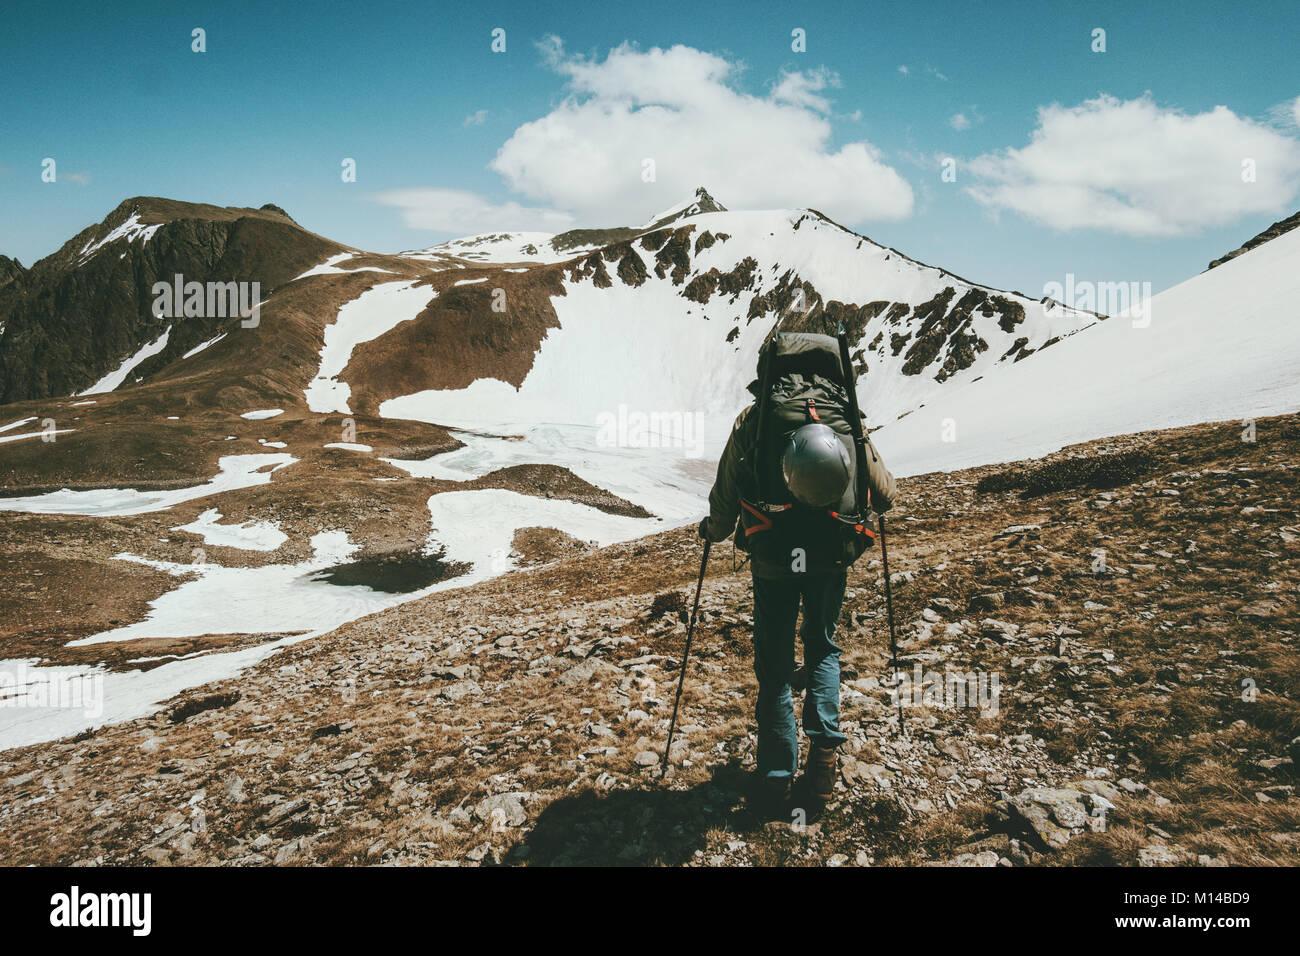 Hombre con gran mochila de senderismo viajar estilo concepto de supervivencia aventura vacaciones activas al aire Imagen De Stock